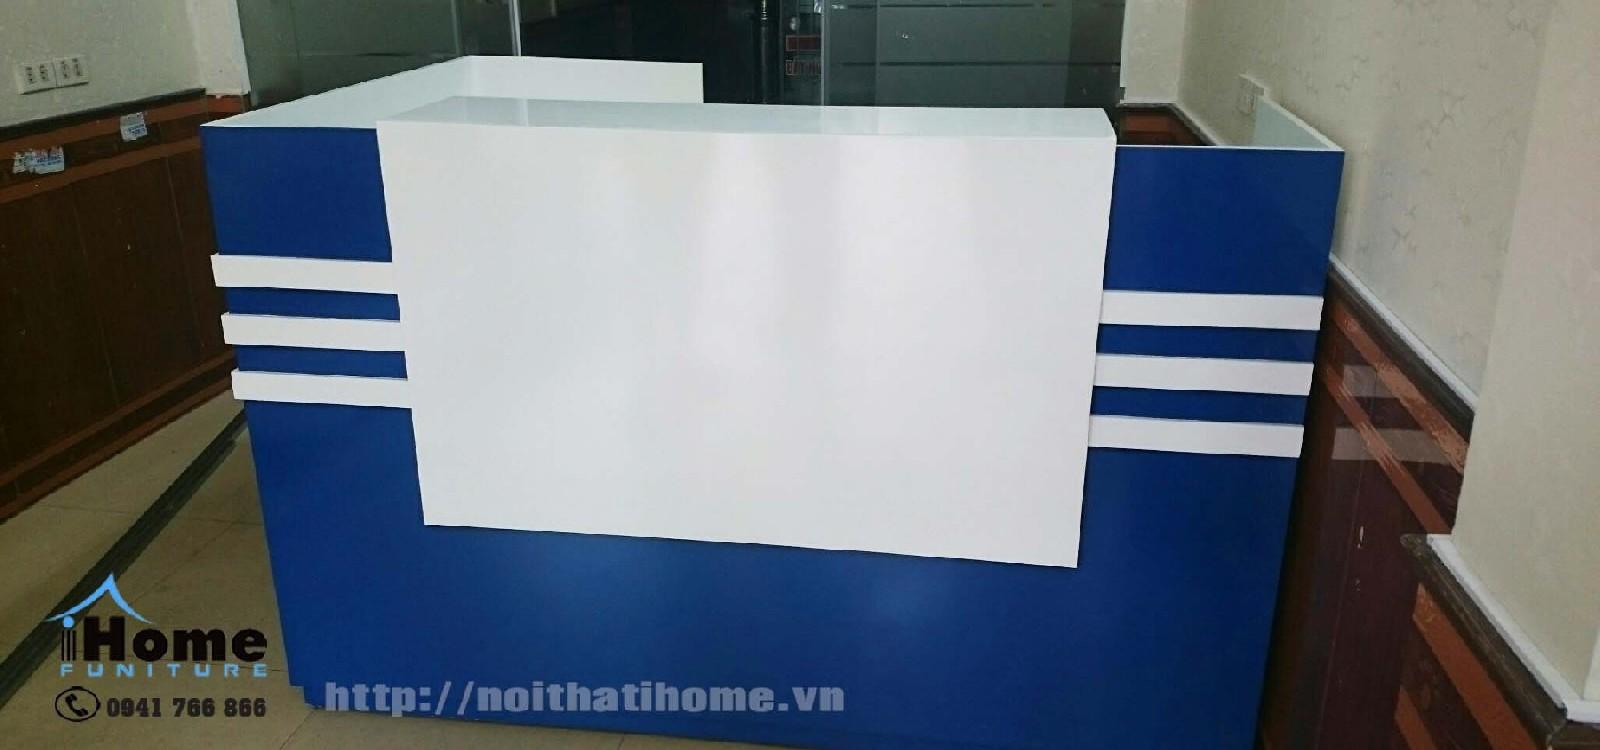 hình ảnh Thiết kế bàn quầy lễ tân đẹp 422 lạch tray Hải Phòng